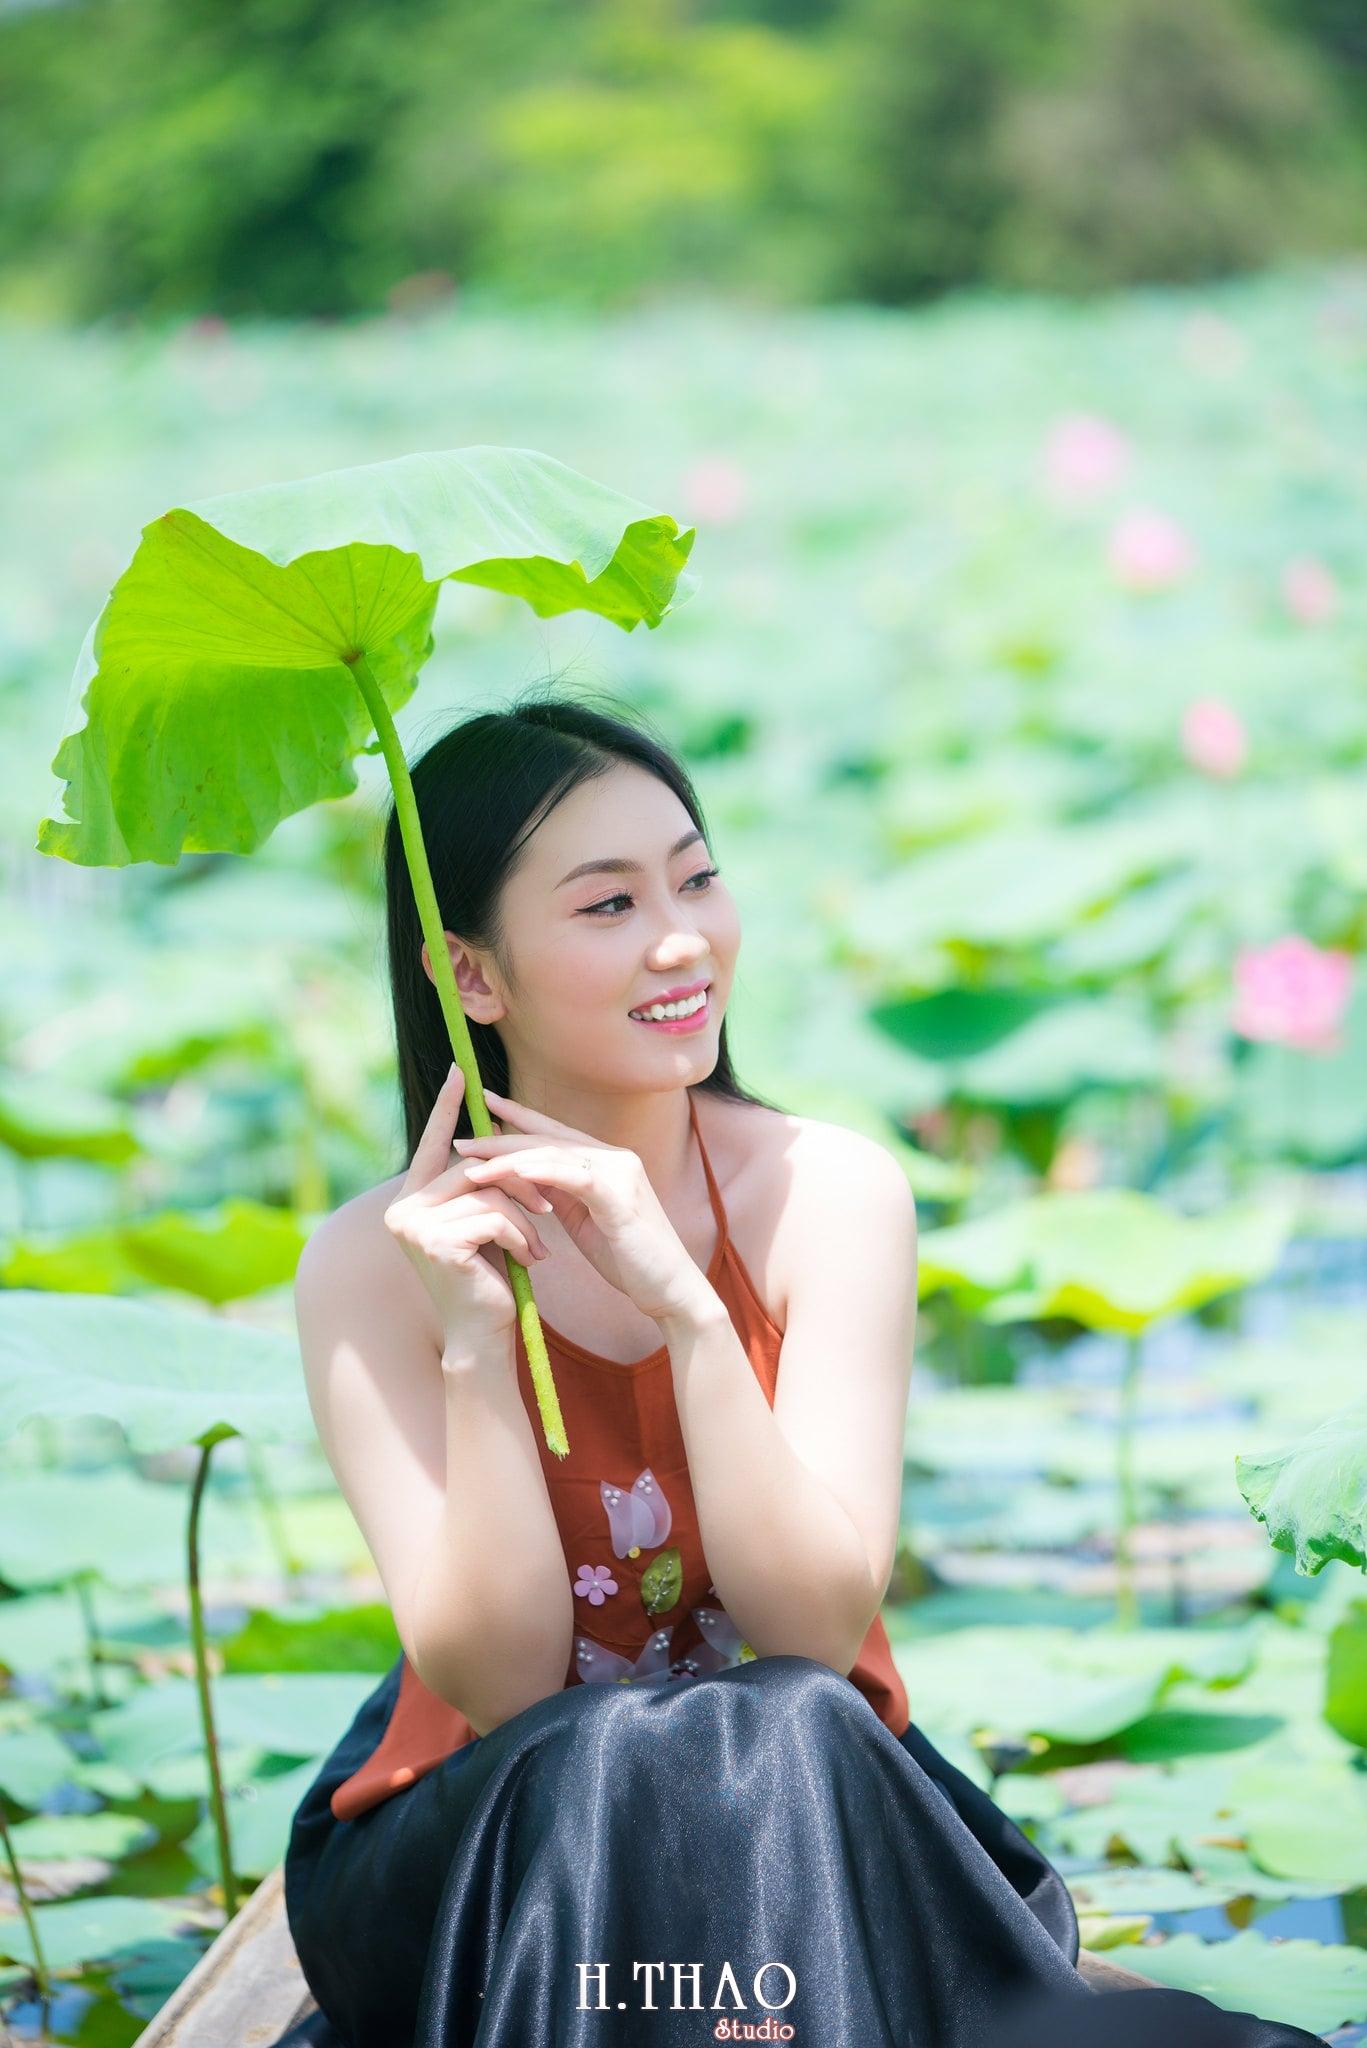 ao yem hoa sen 5 - Album ảnh chụp áo yếm với hoa sen đẹp dịu dàng - HThao Studio